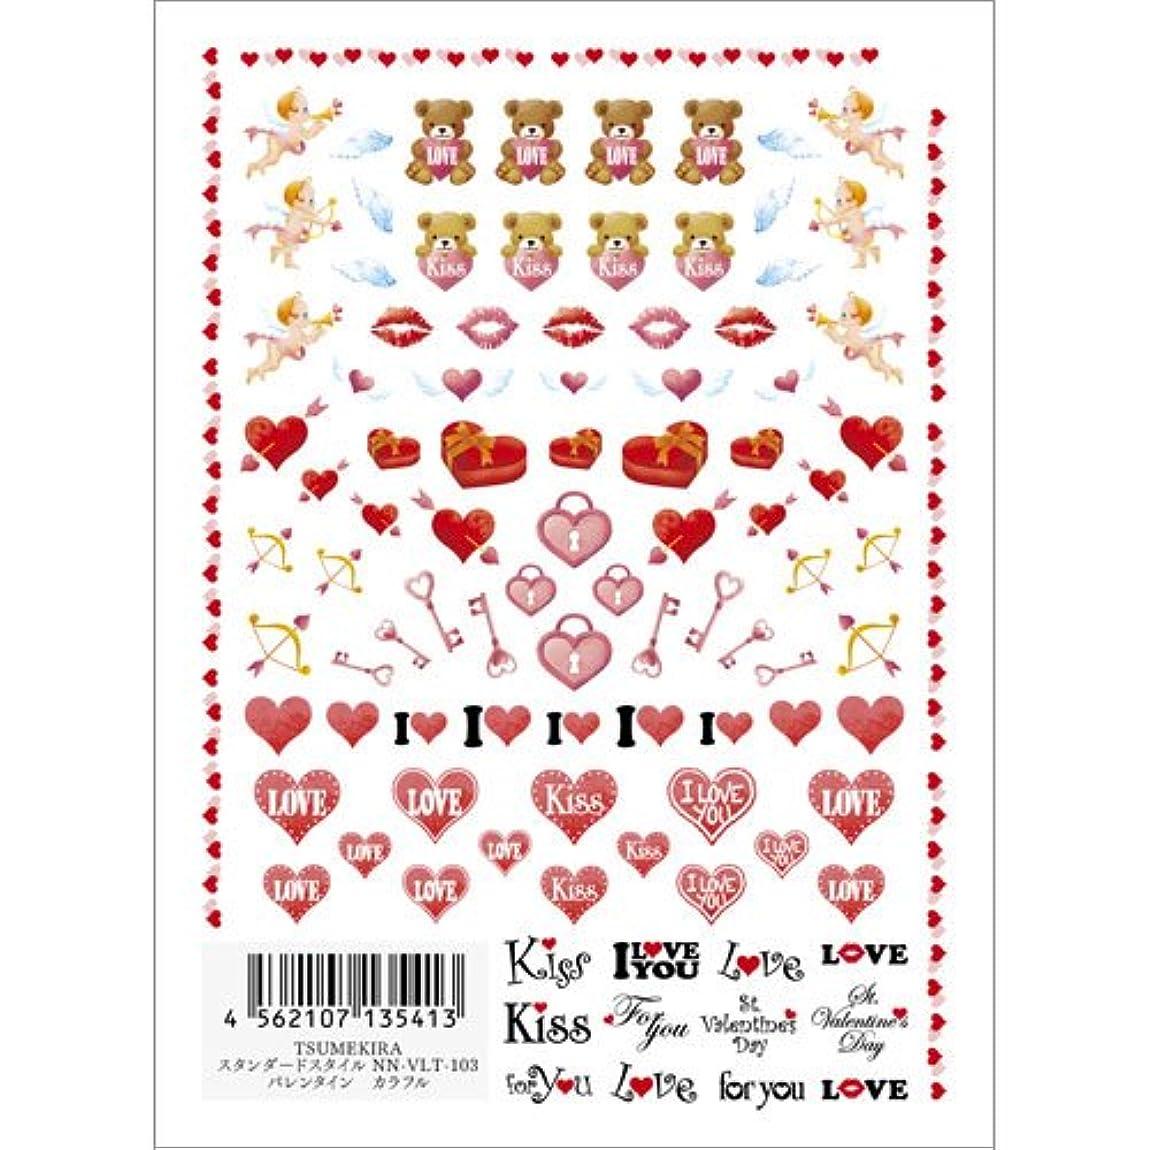 チャーミング八前奏曲ツメキラ ネイル用シール スタンダードスタイル バレンタイン カラフル